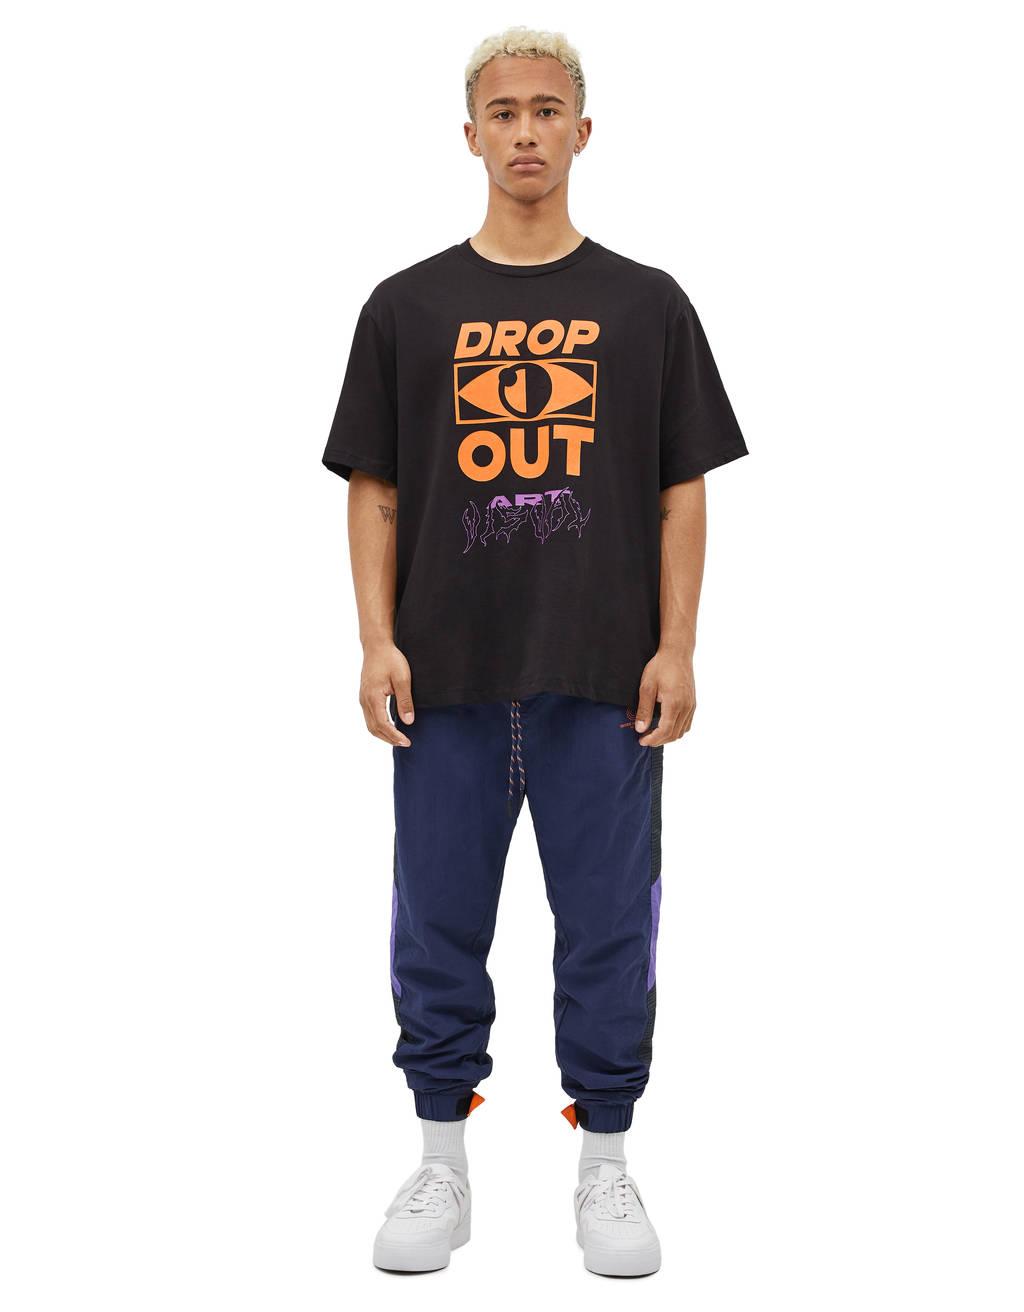 Camiseta con estampado texto neón